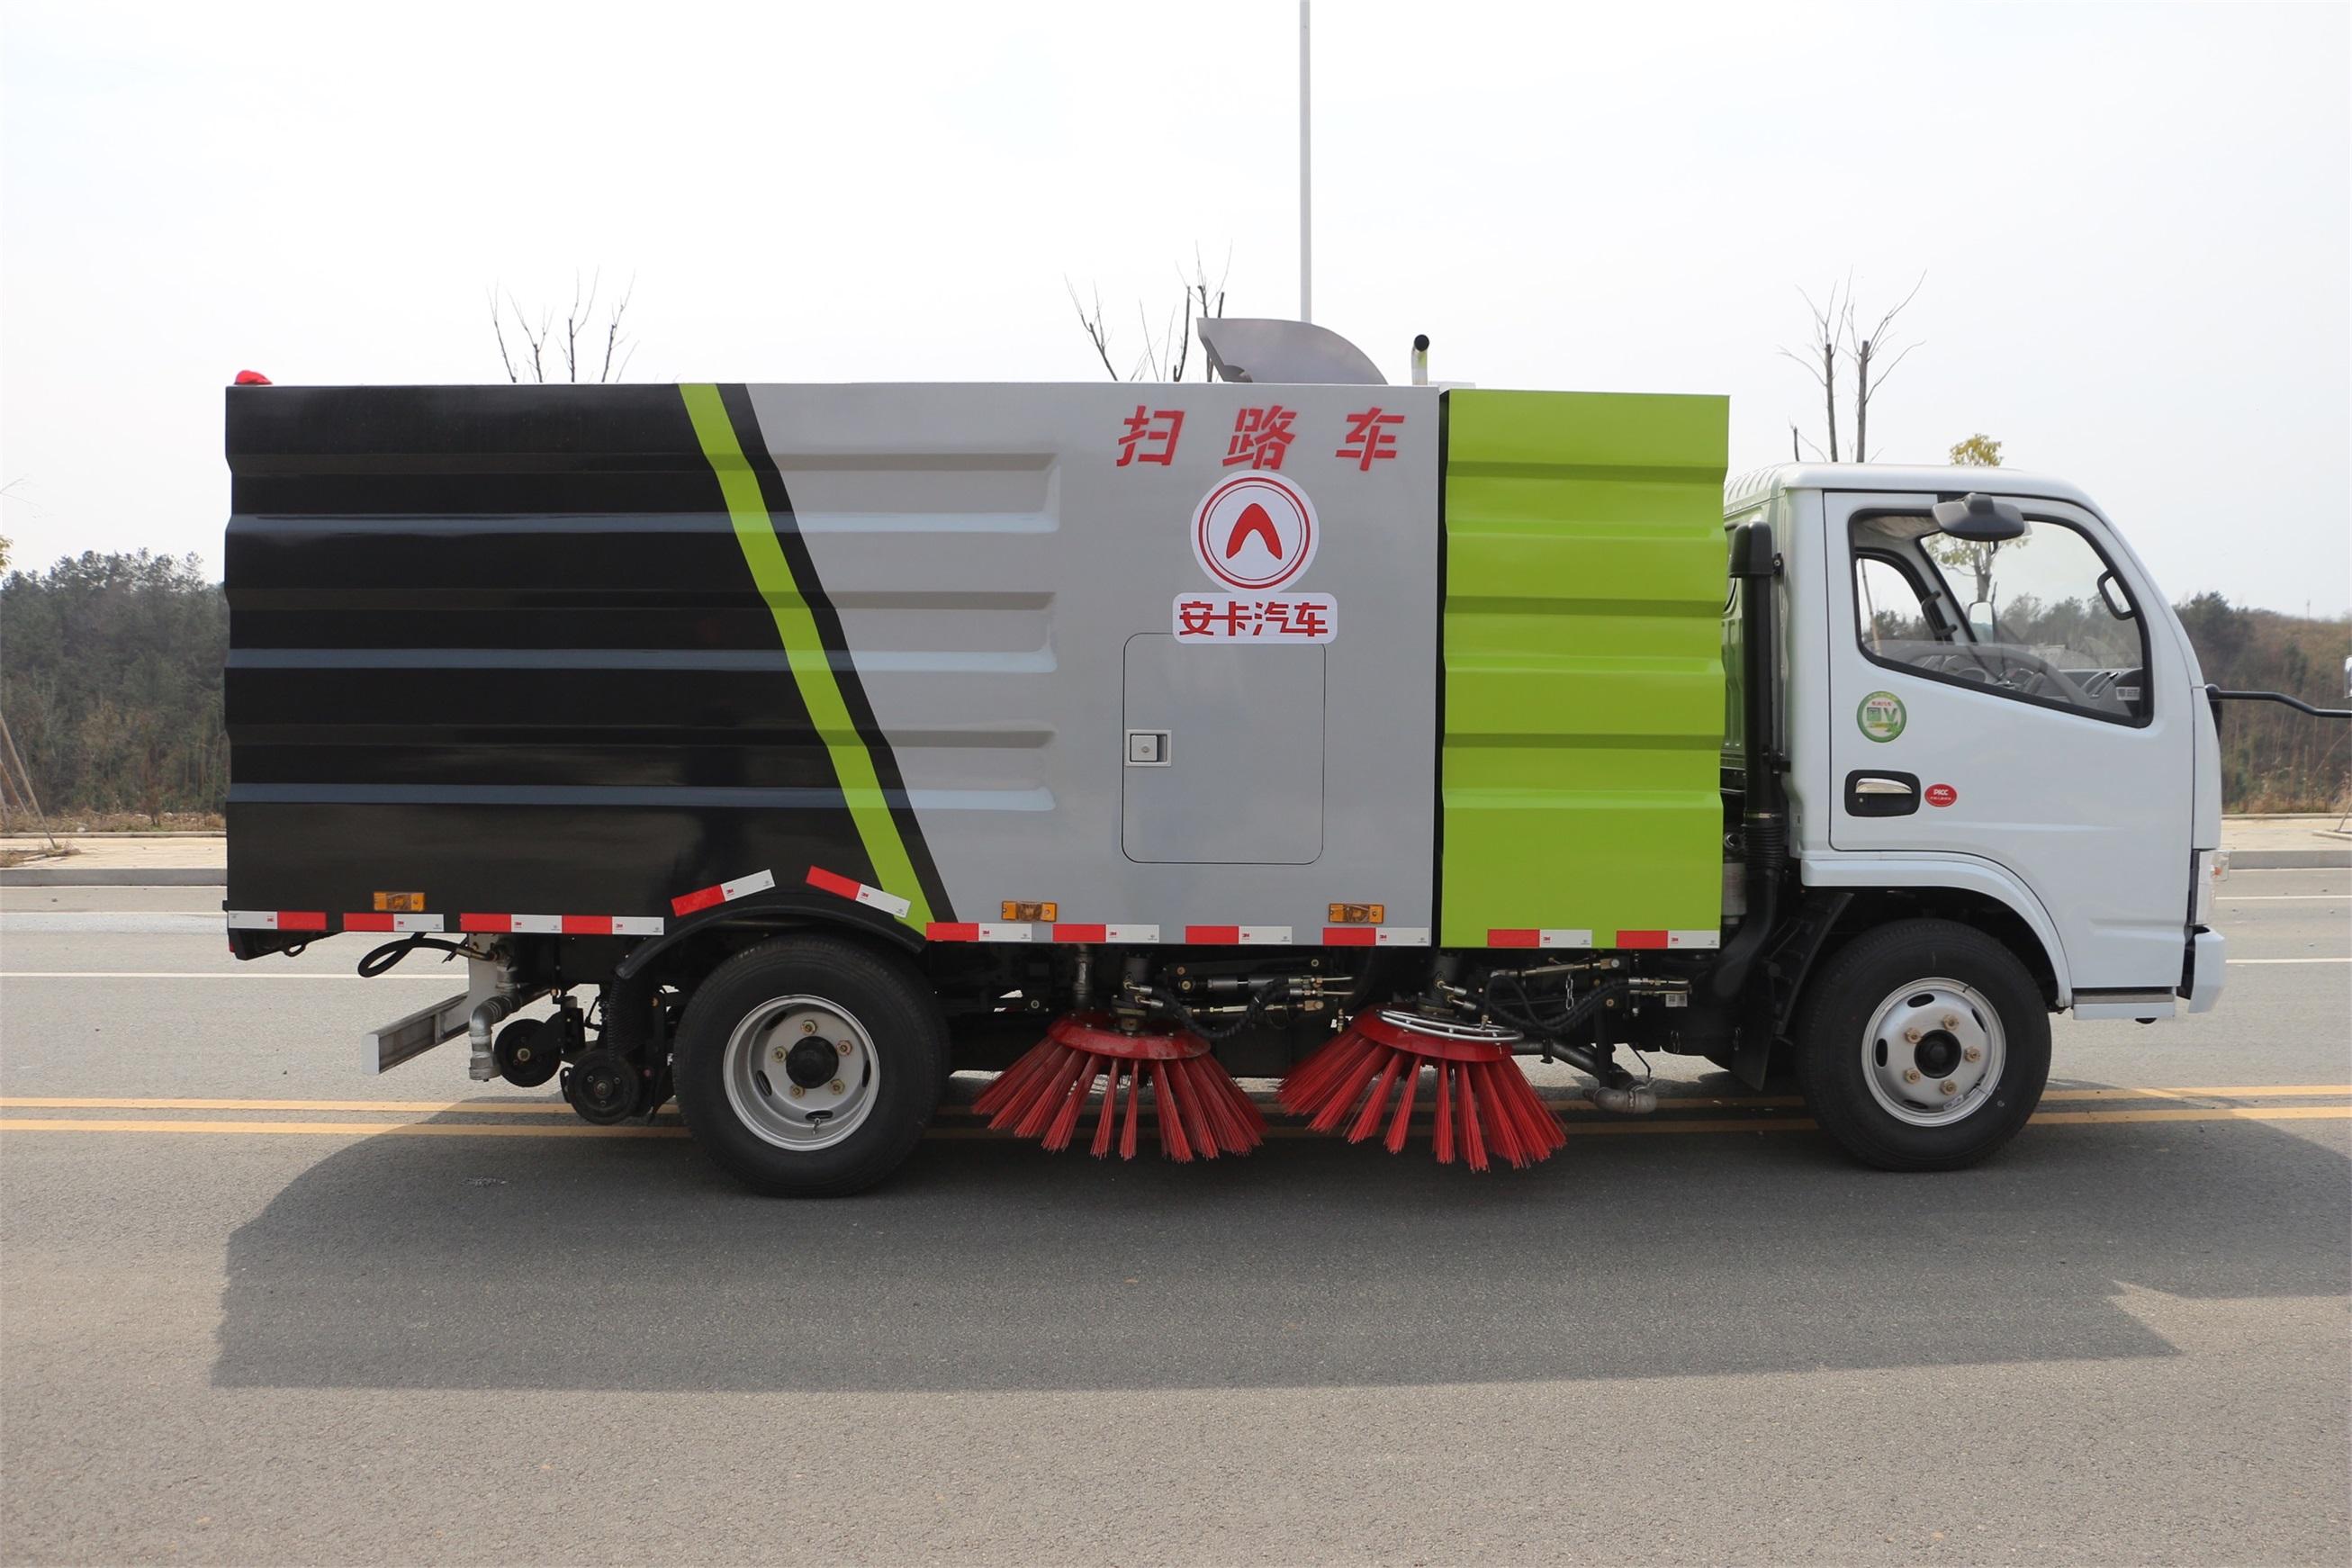 东风多利卡扫路车外观图片(车头向右正侧)